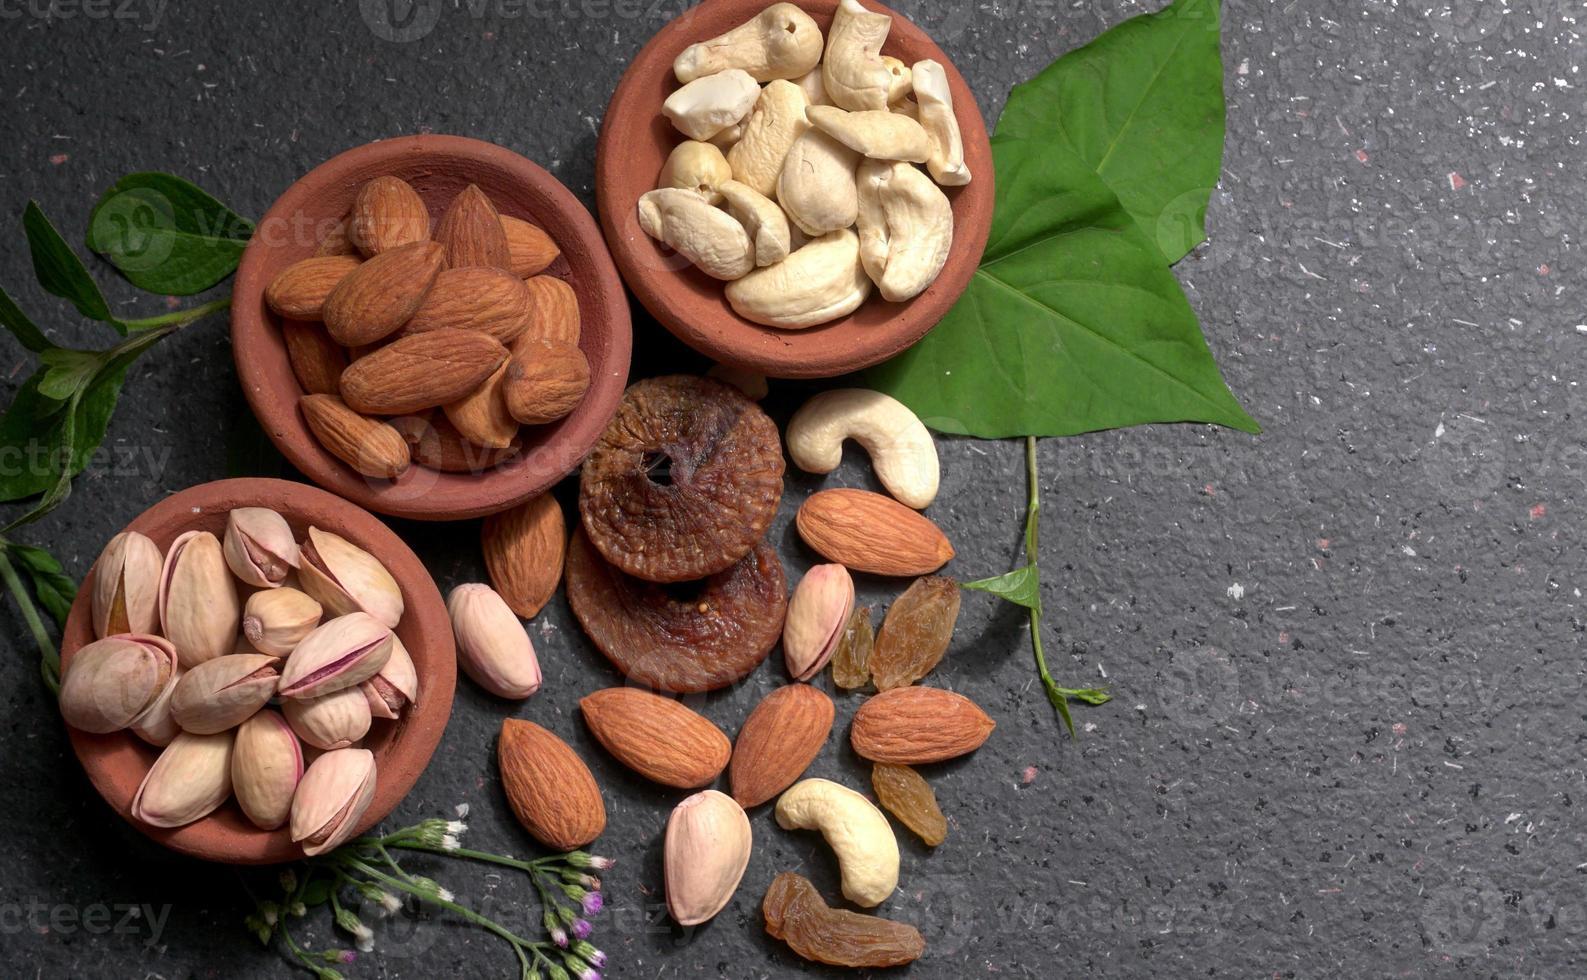 torkad frukt, cashewnötter och mandel. hälsosam kost koncept. foto